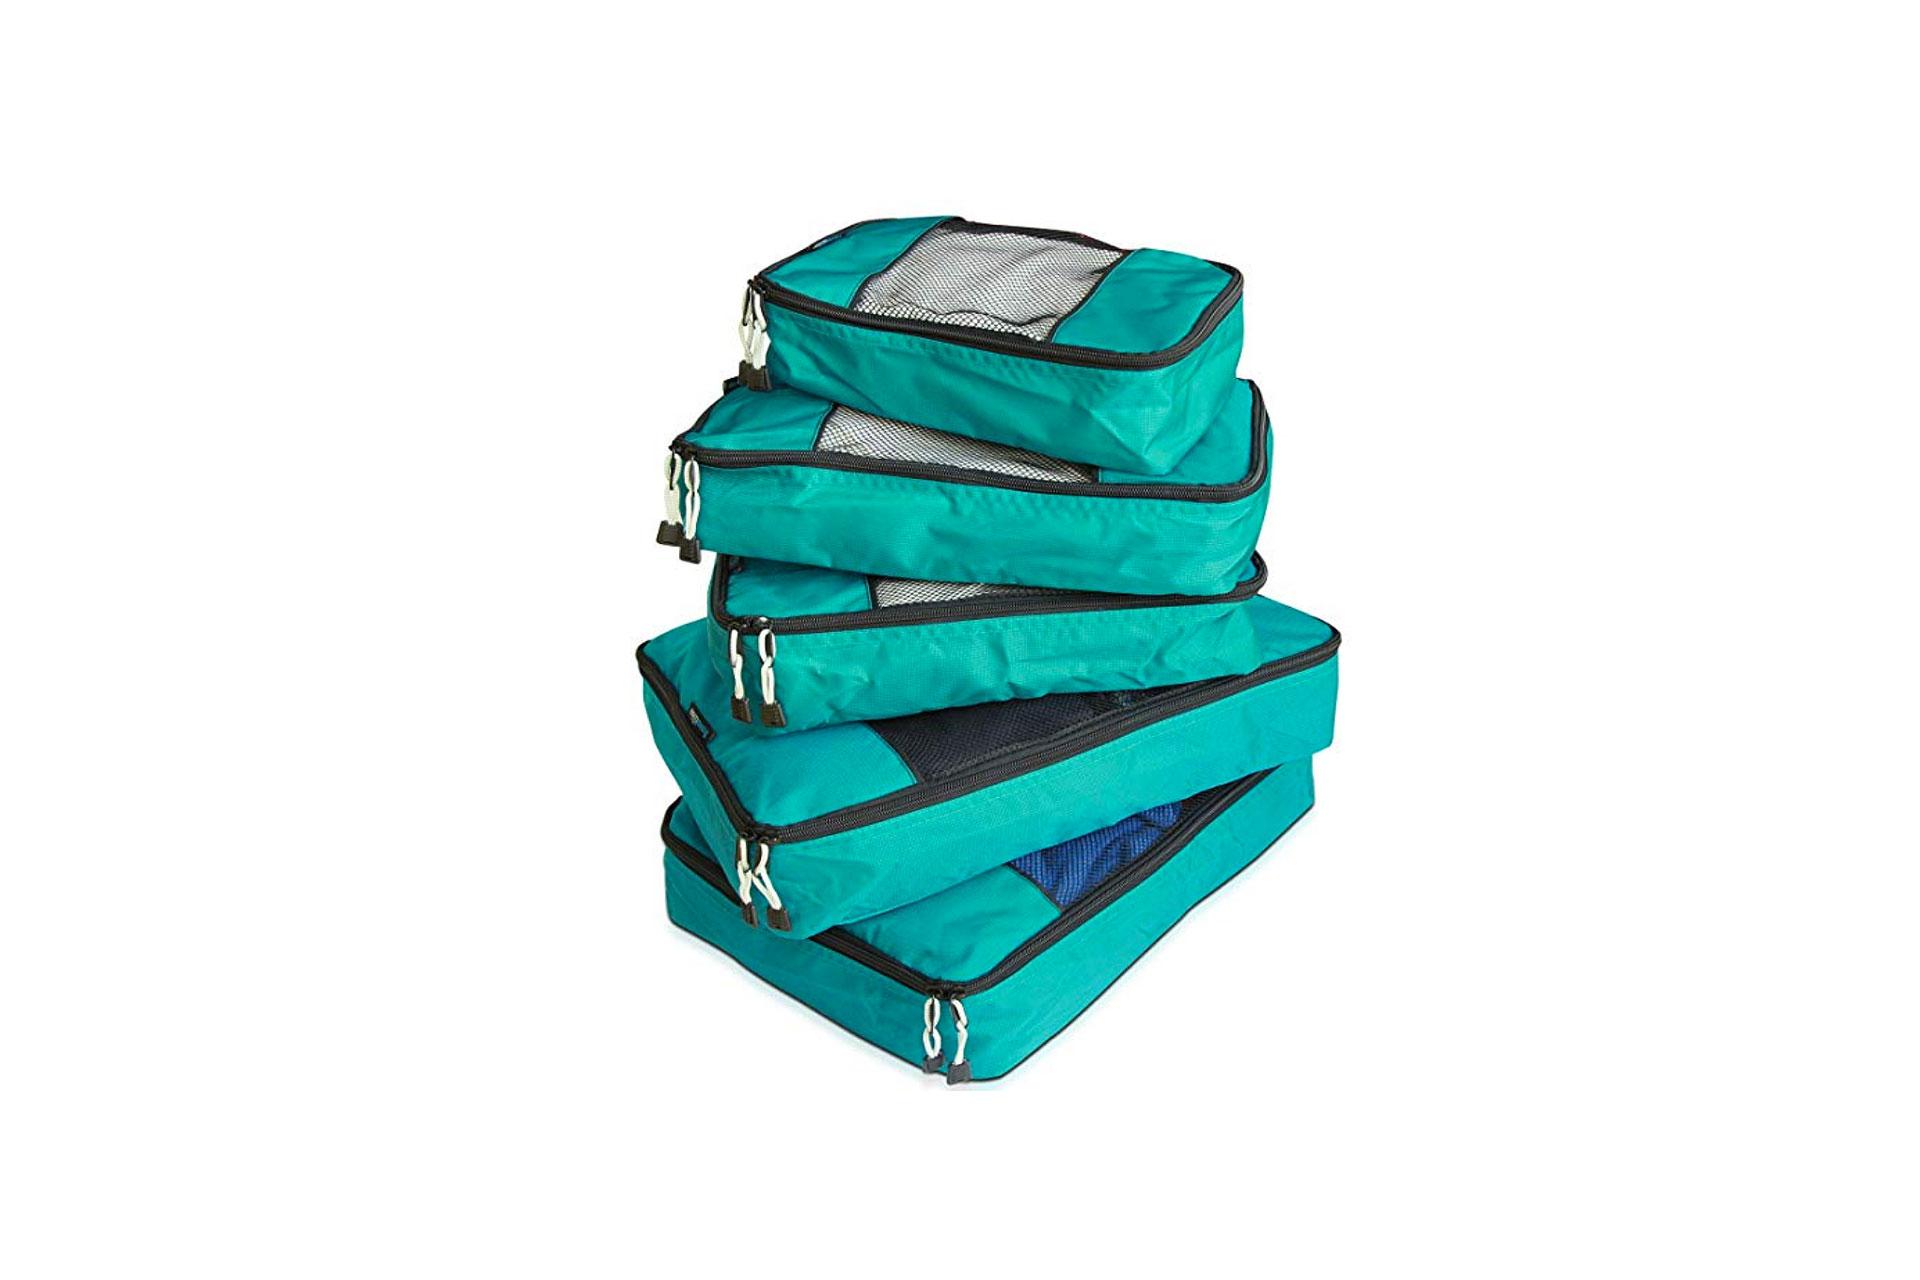 TravelWise Packing Cubes; Courtesy of Amazon